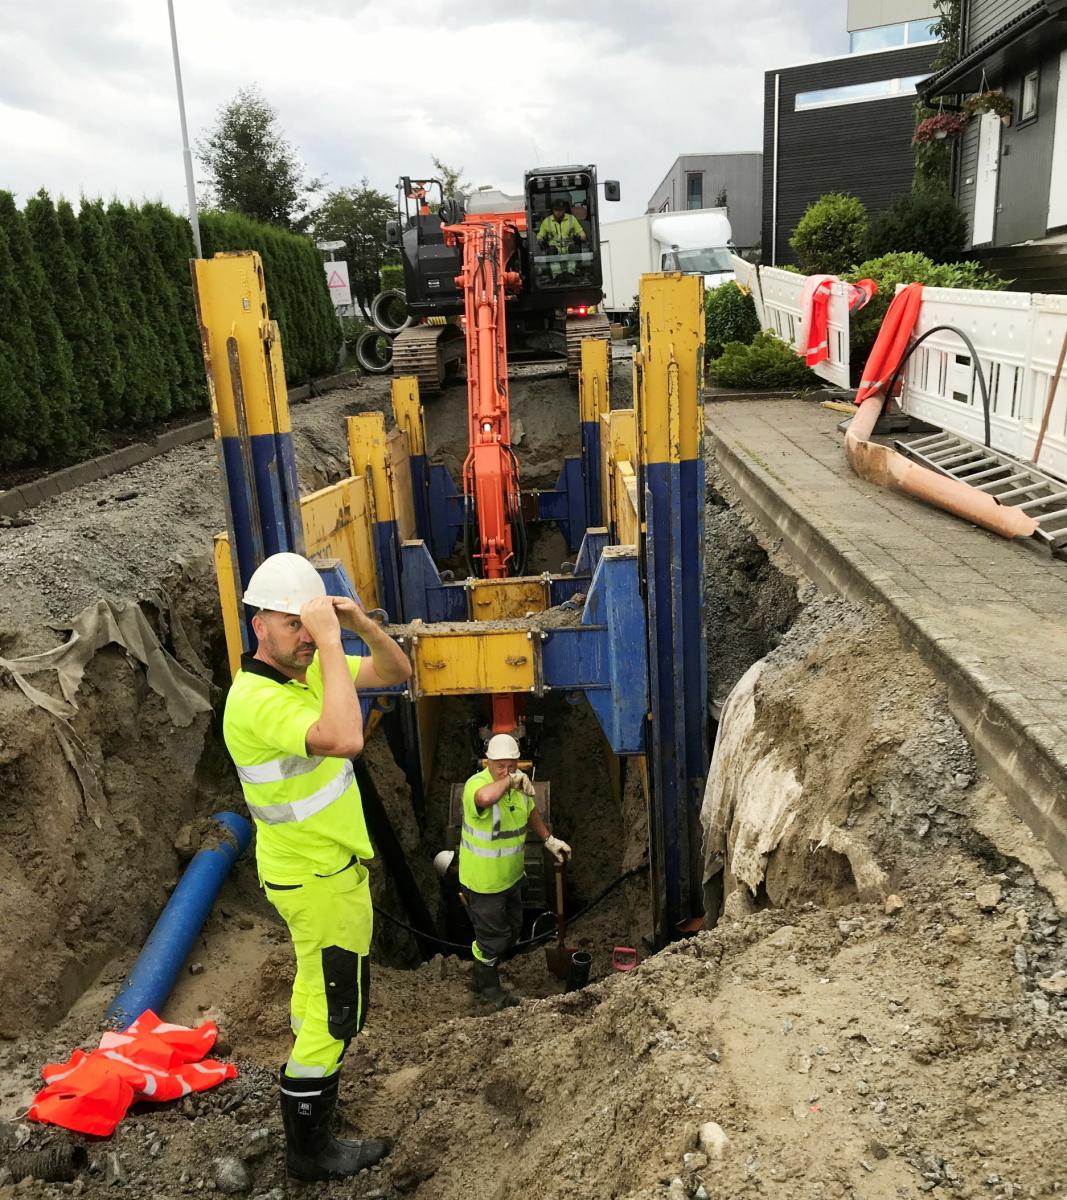 STØRRE: Sandnes kommune er en av brukere som for tiden leier Double Slide Rail grøftesikringssystemer. Foto: John Kr. Lland